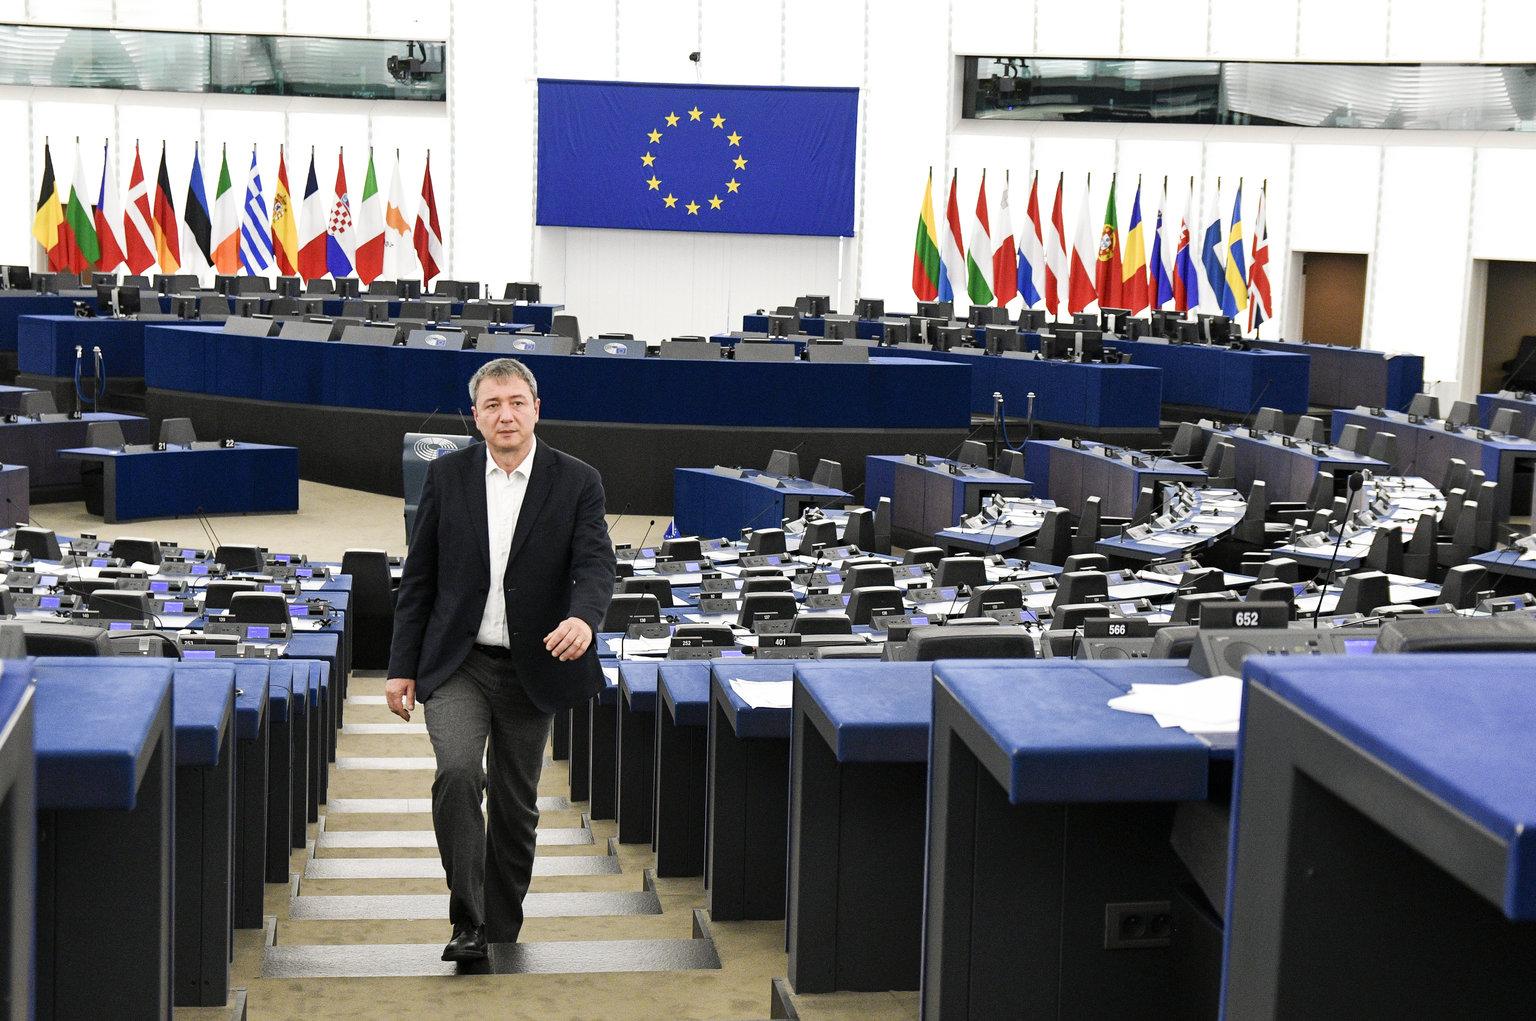 Verso le Europee | L'agenda green che M5S vuole portare in Europa